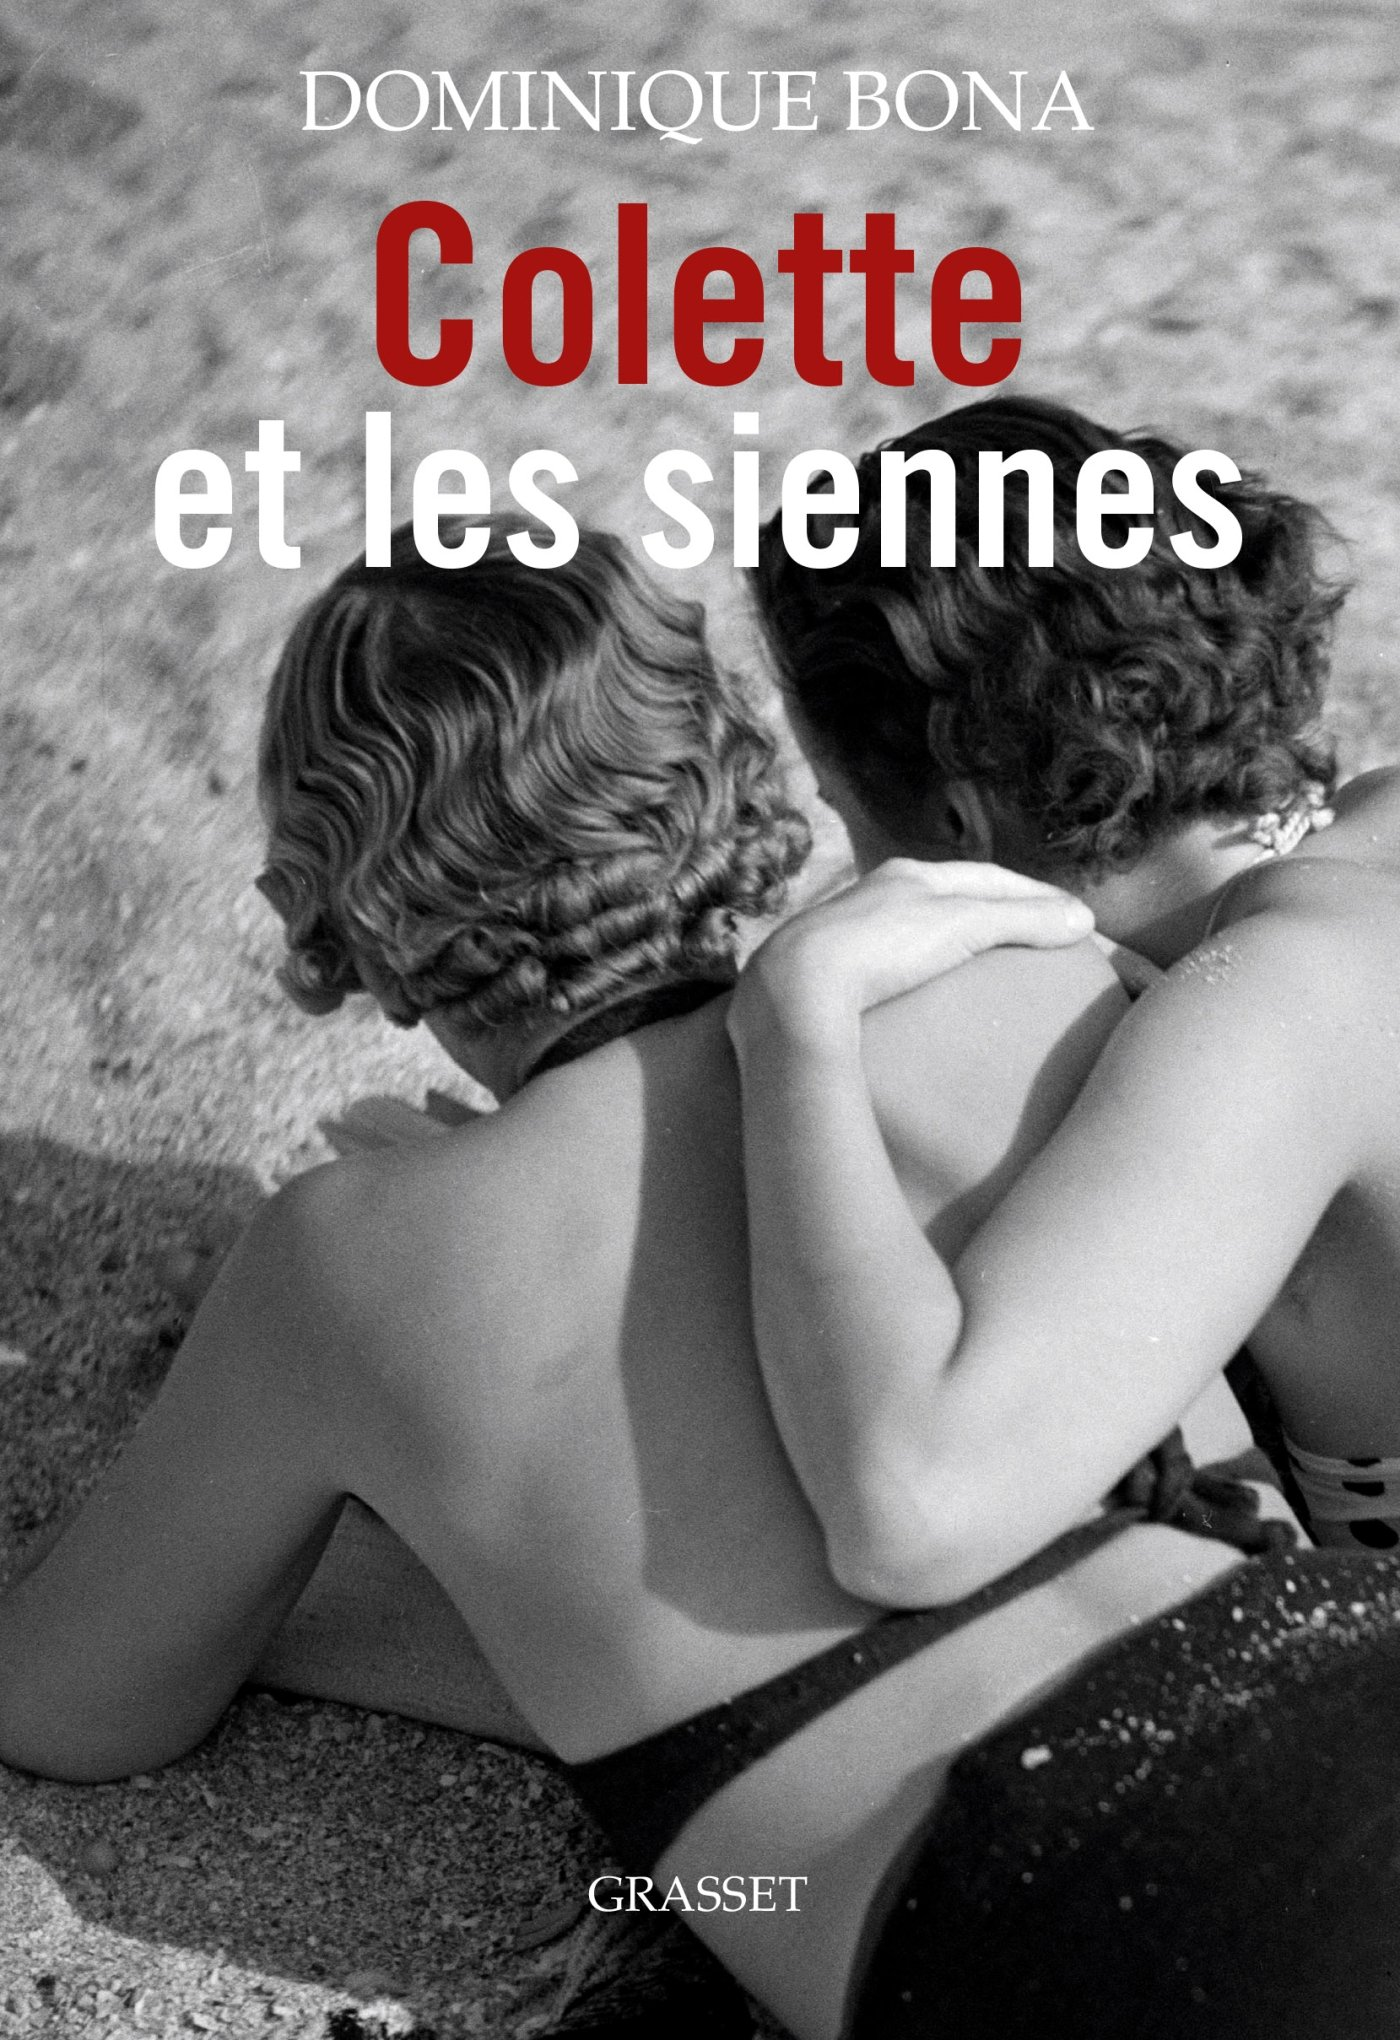 Dominique Bona - Colette et les siennes 2017